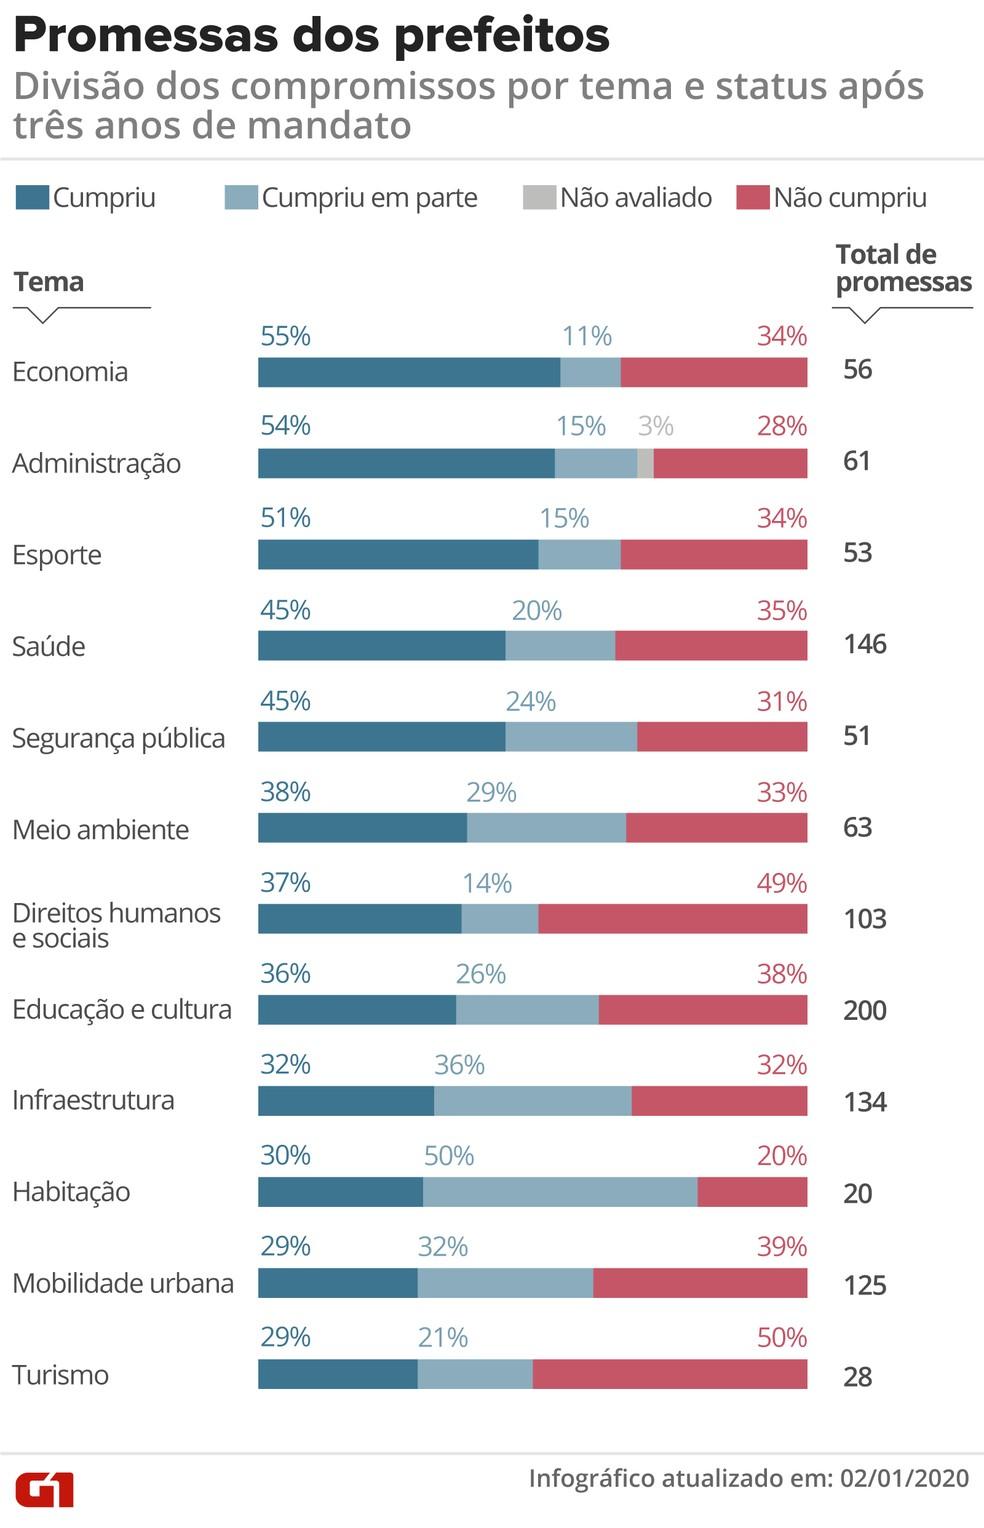 Promessas dos prefeitos por temas - 3º ano de mandato (2019) — Foto: Rodrigo Sanches/G1